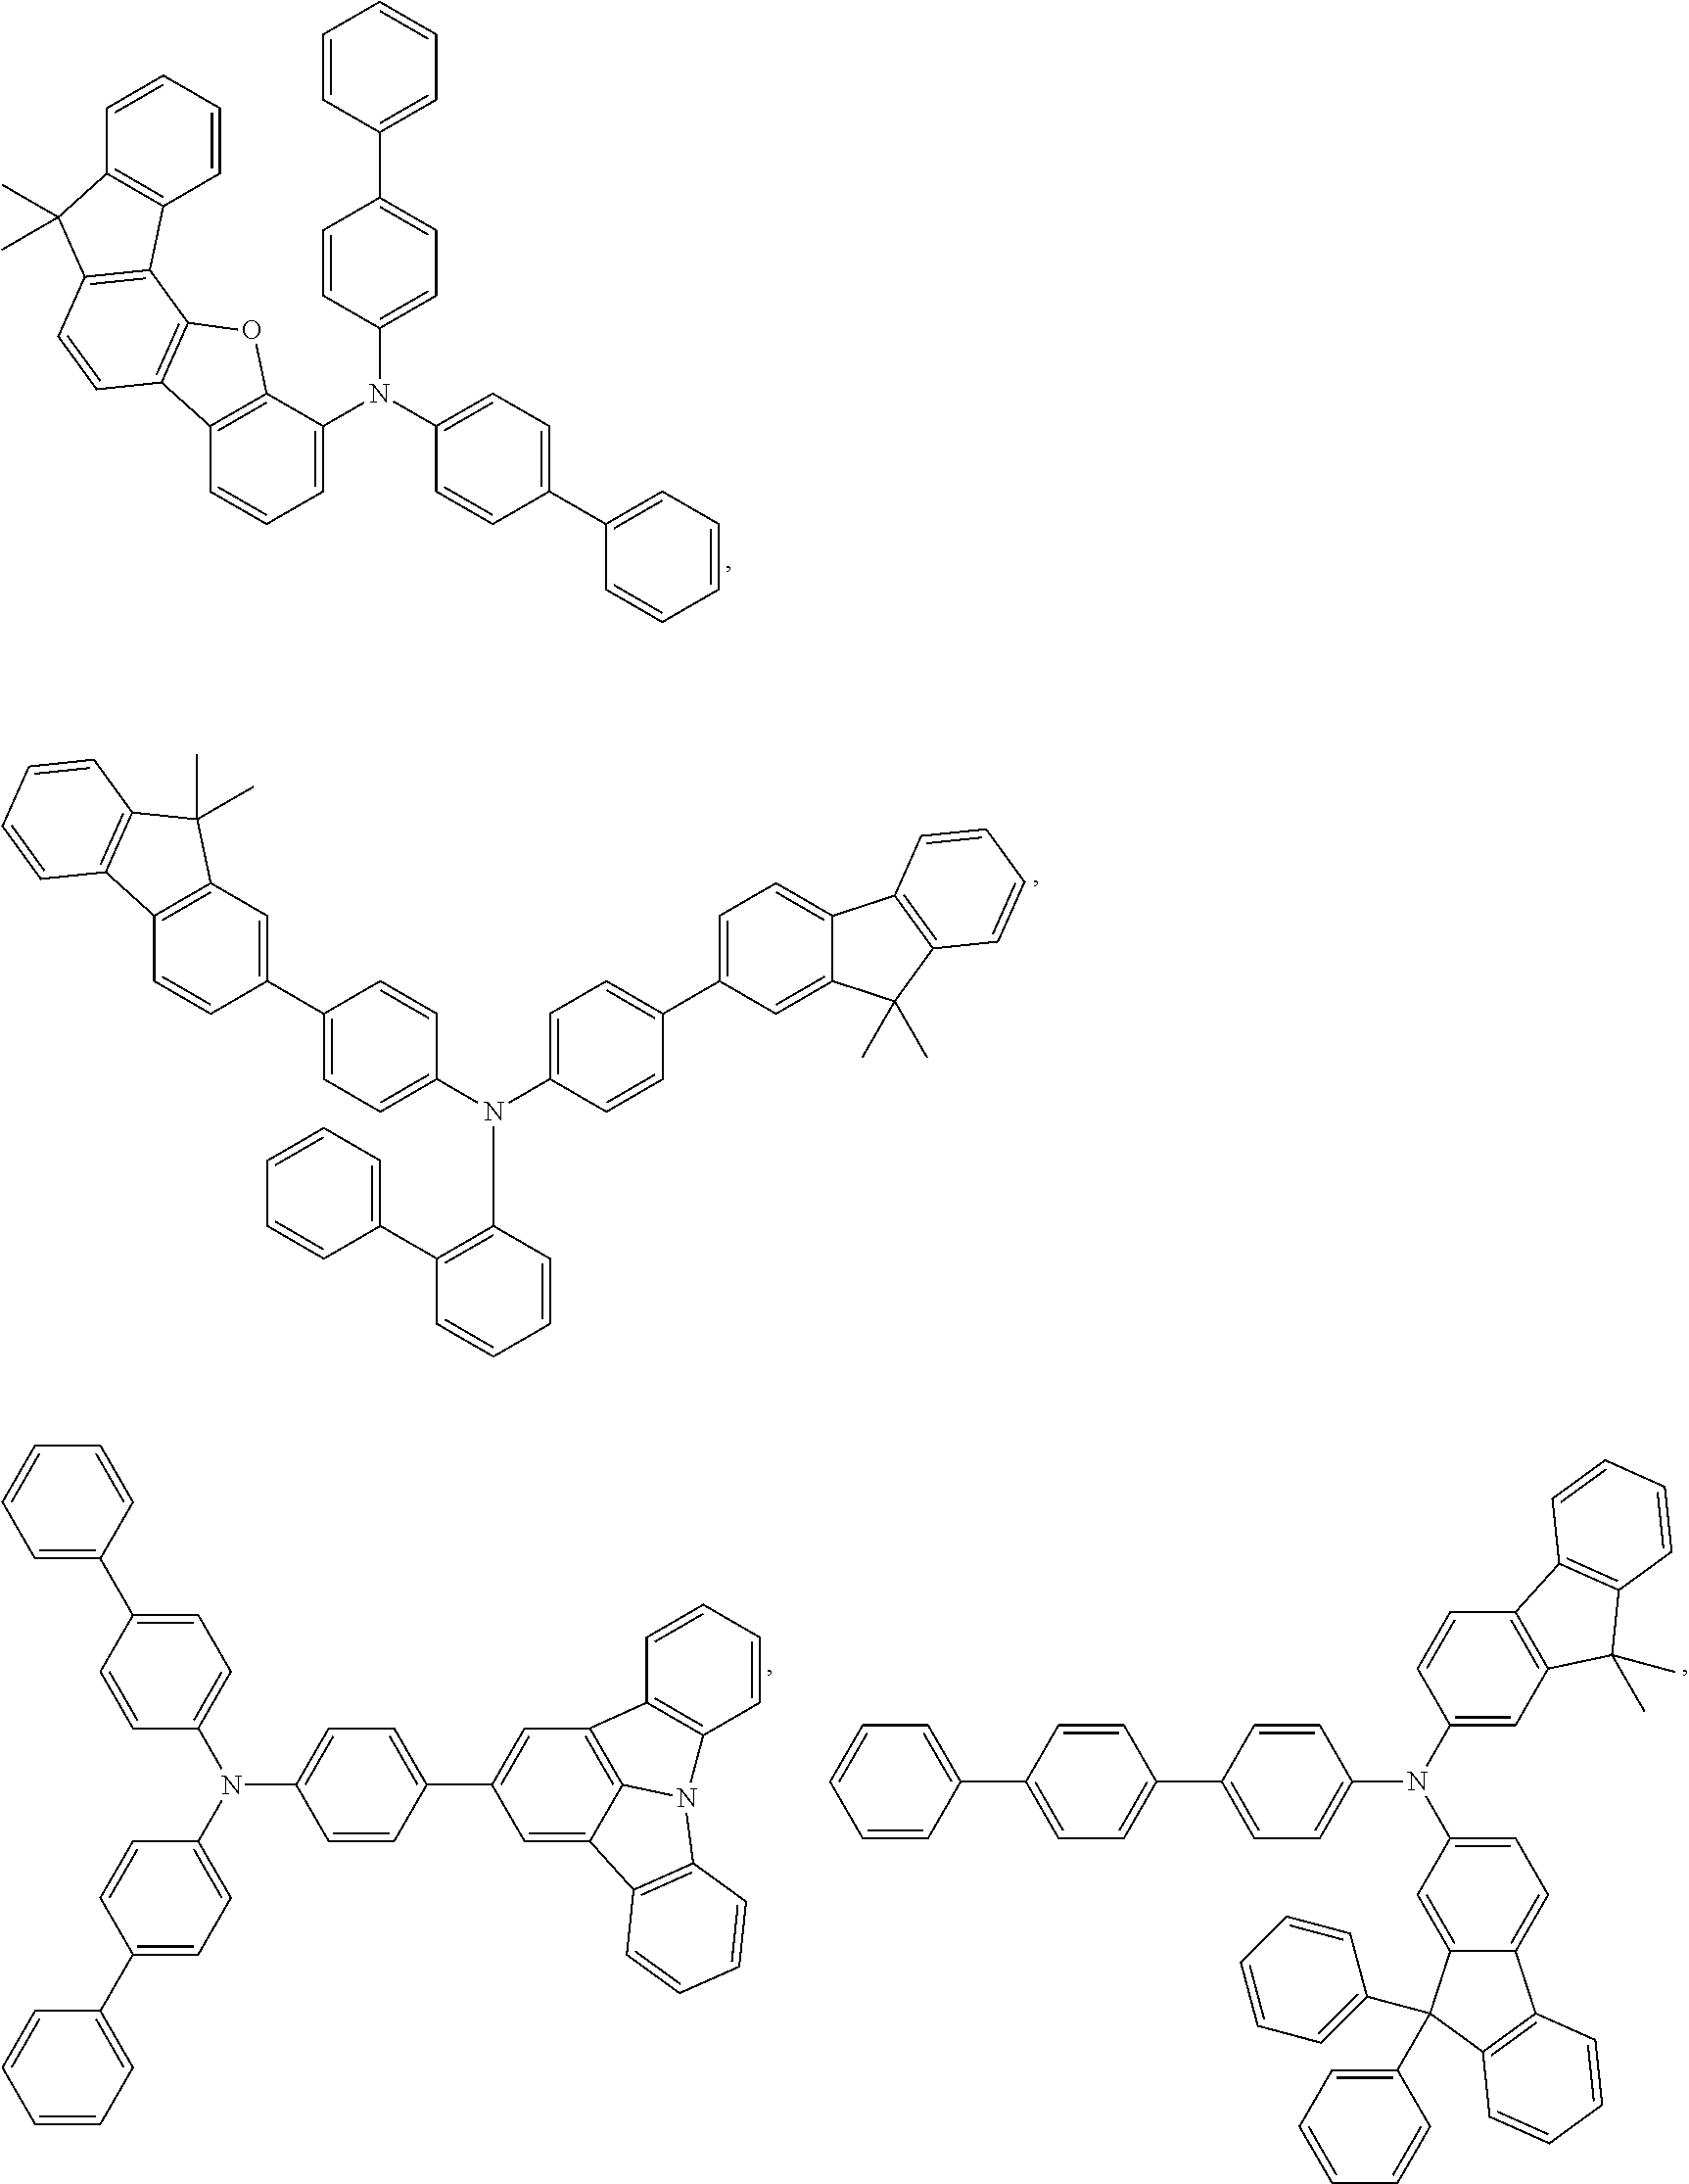 Figure US20170229663A1-20170810-C00138